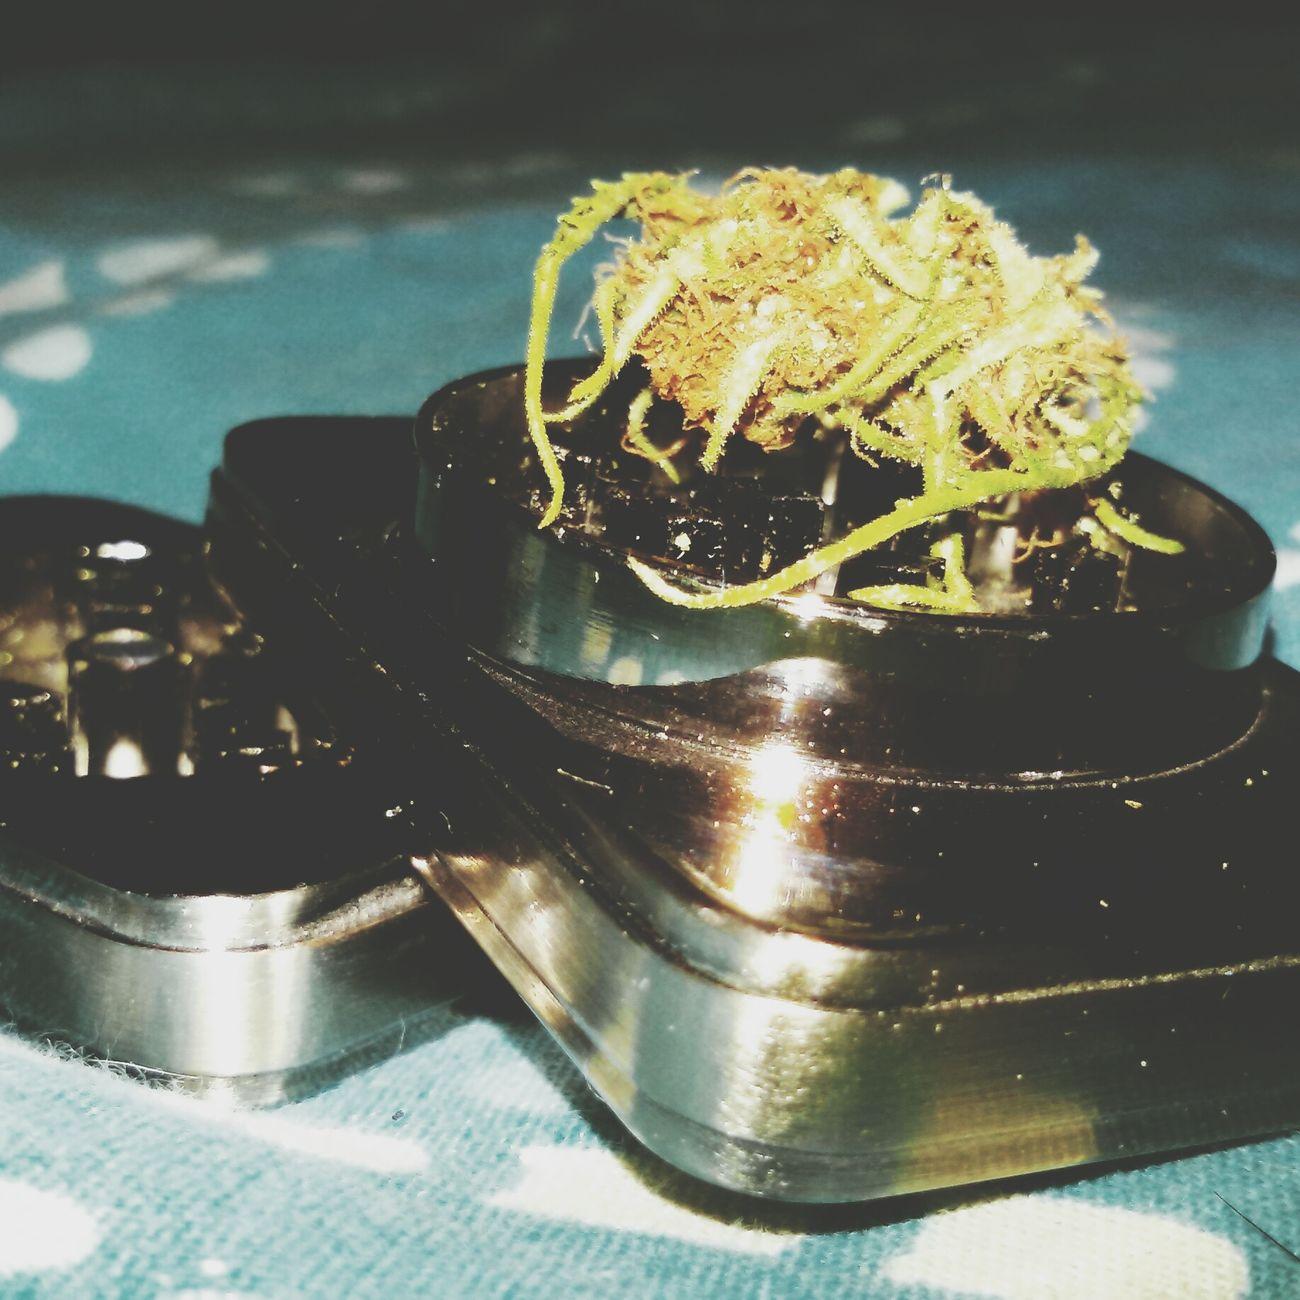 Caramel Kush Weed Smoking Weed Ganjah